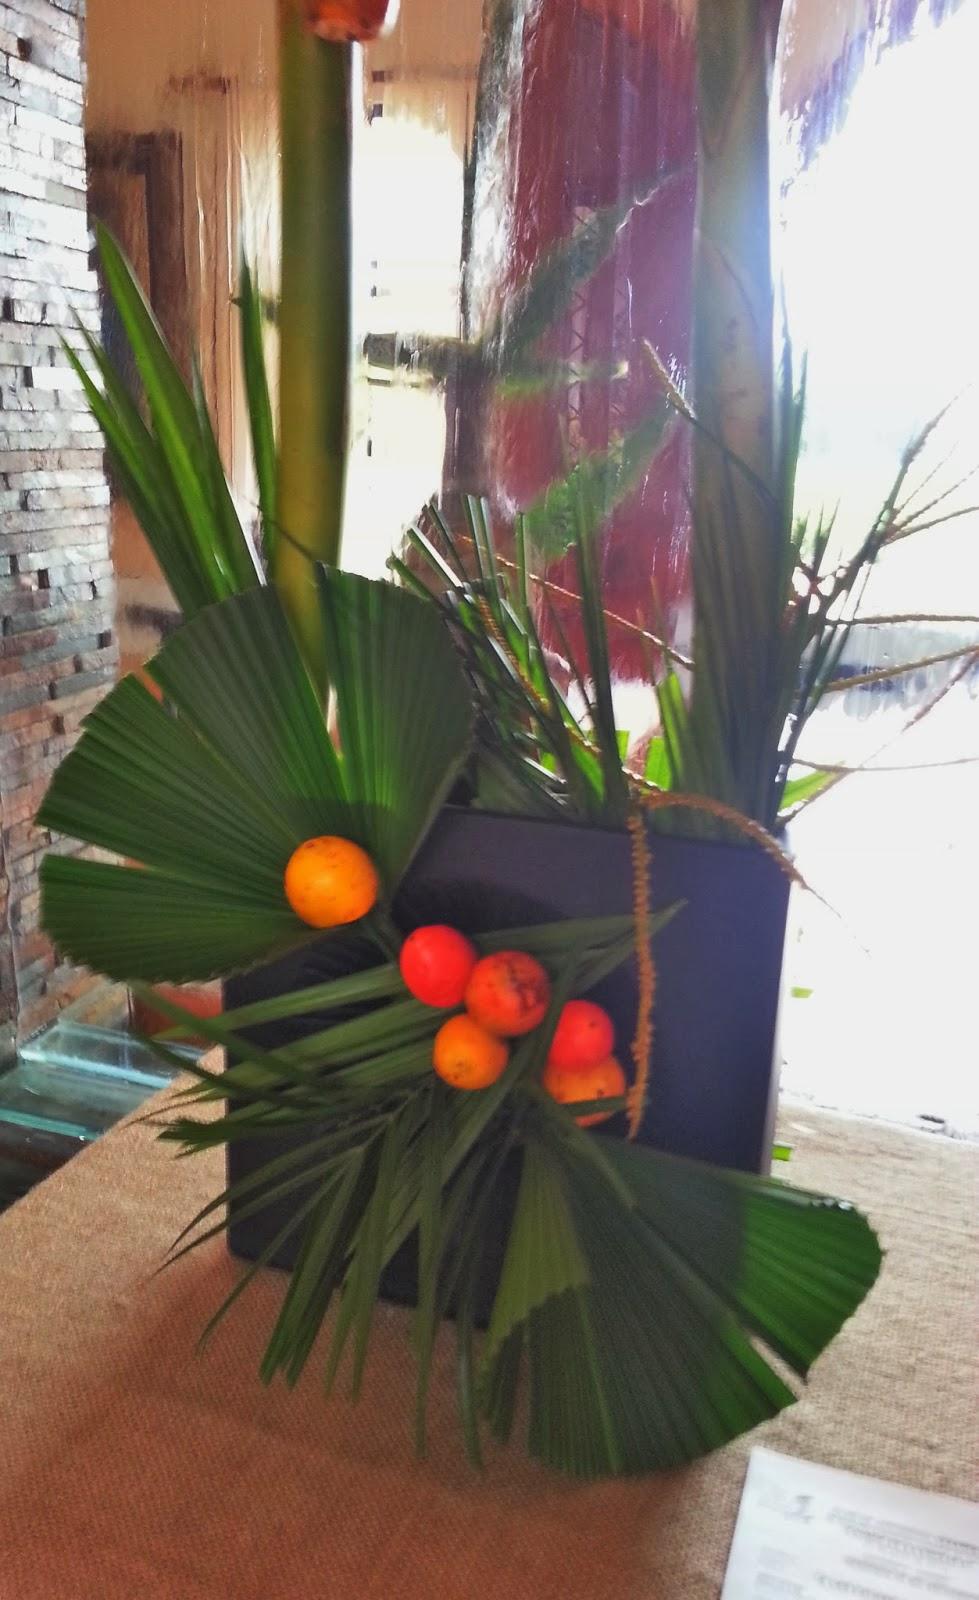 Arreglos florales creativos club de jardineria veraneras de penonome - Arreglos florales creativos ...